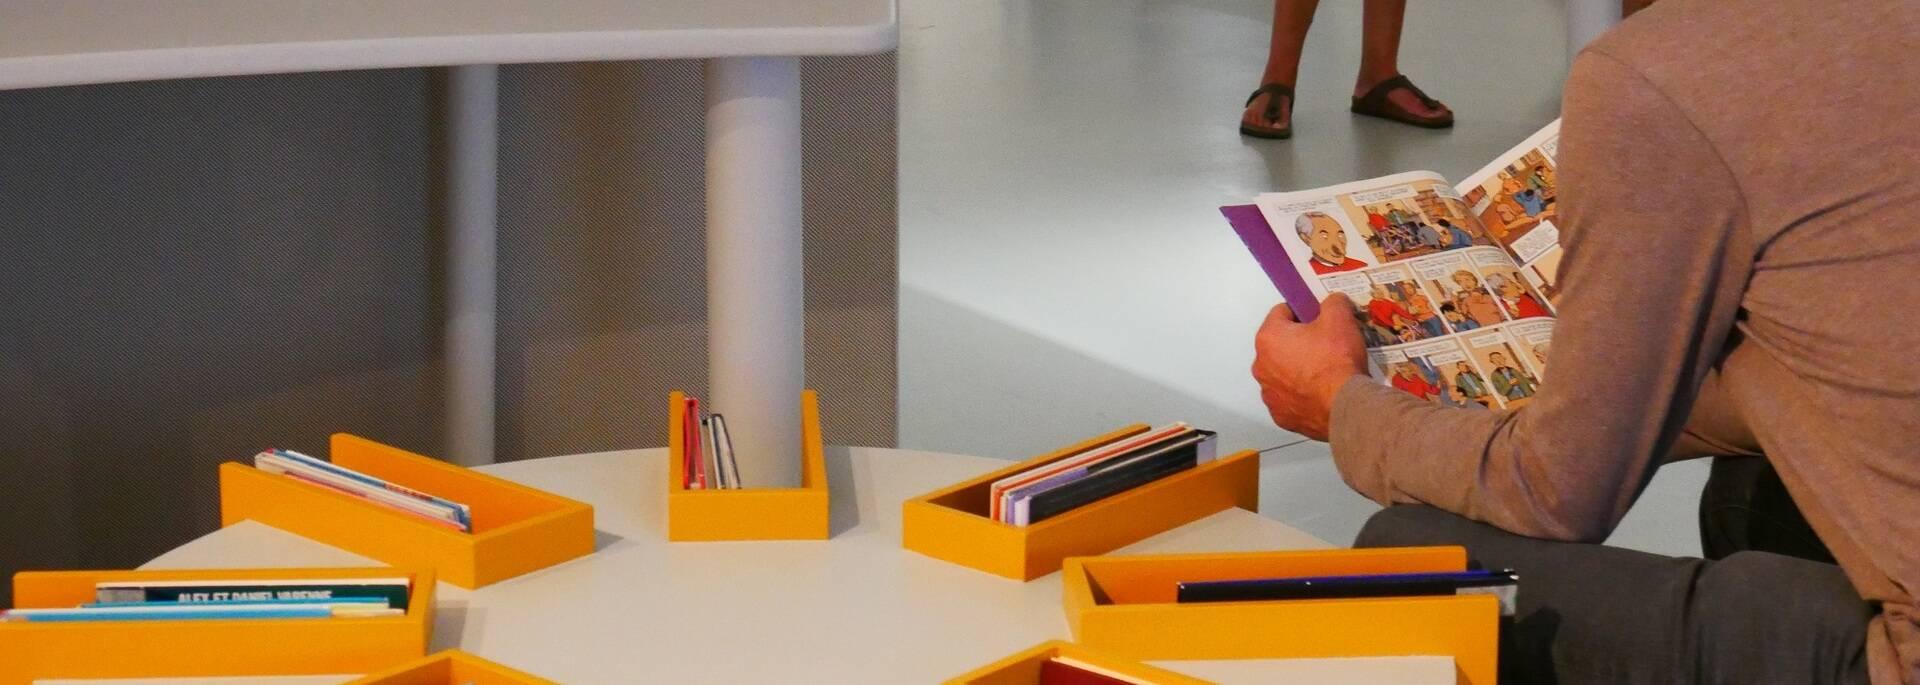 Espace de lecture au musée de la Bande Dessinée - ©P.Migaud / FDHPA17